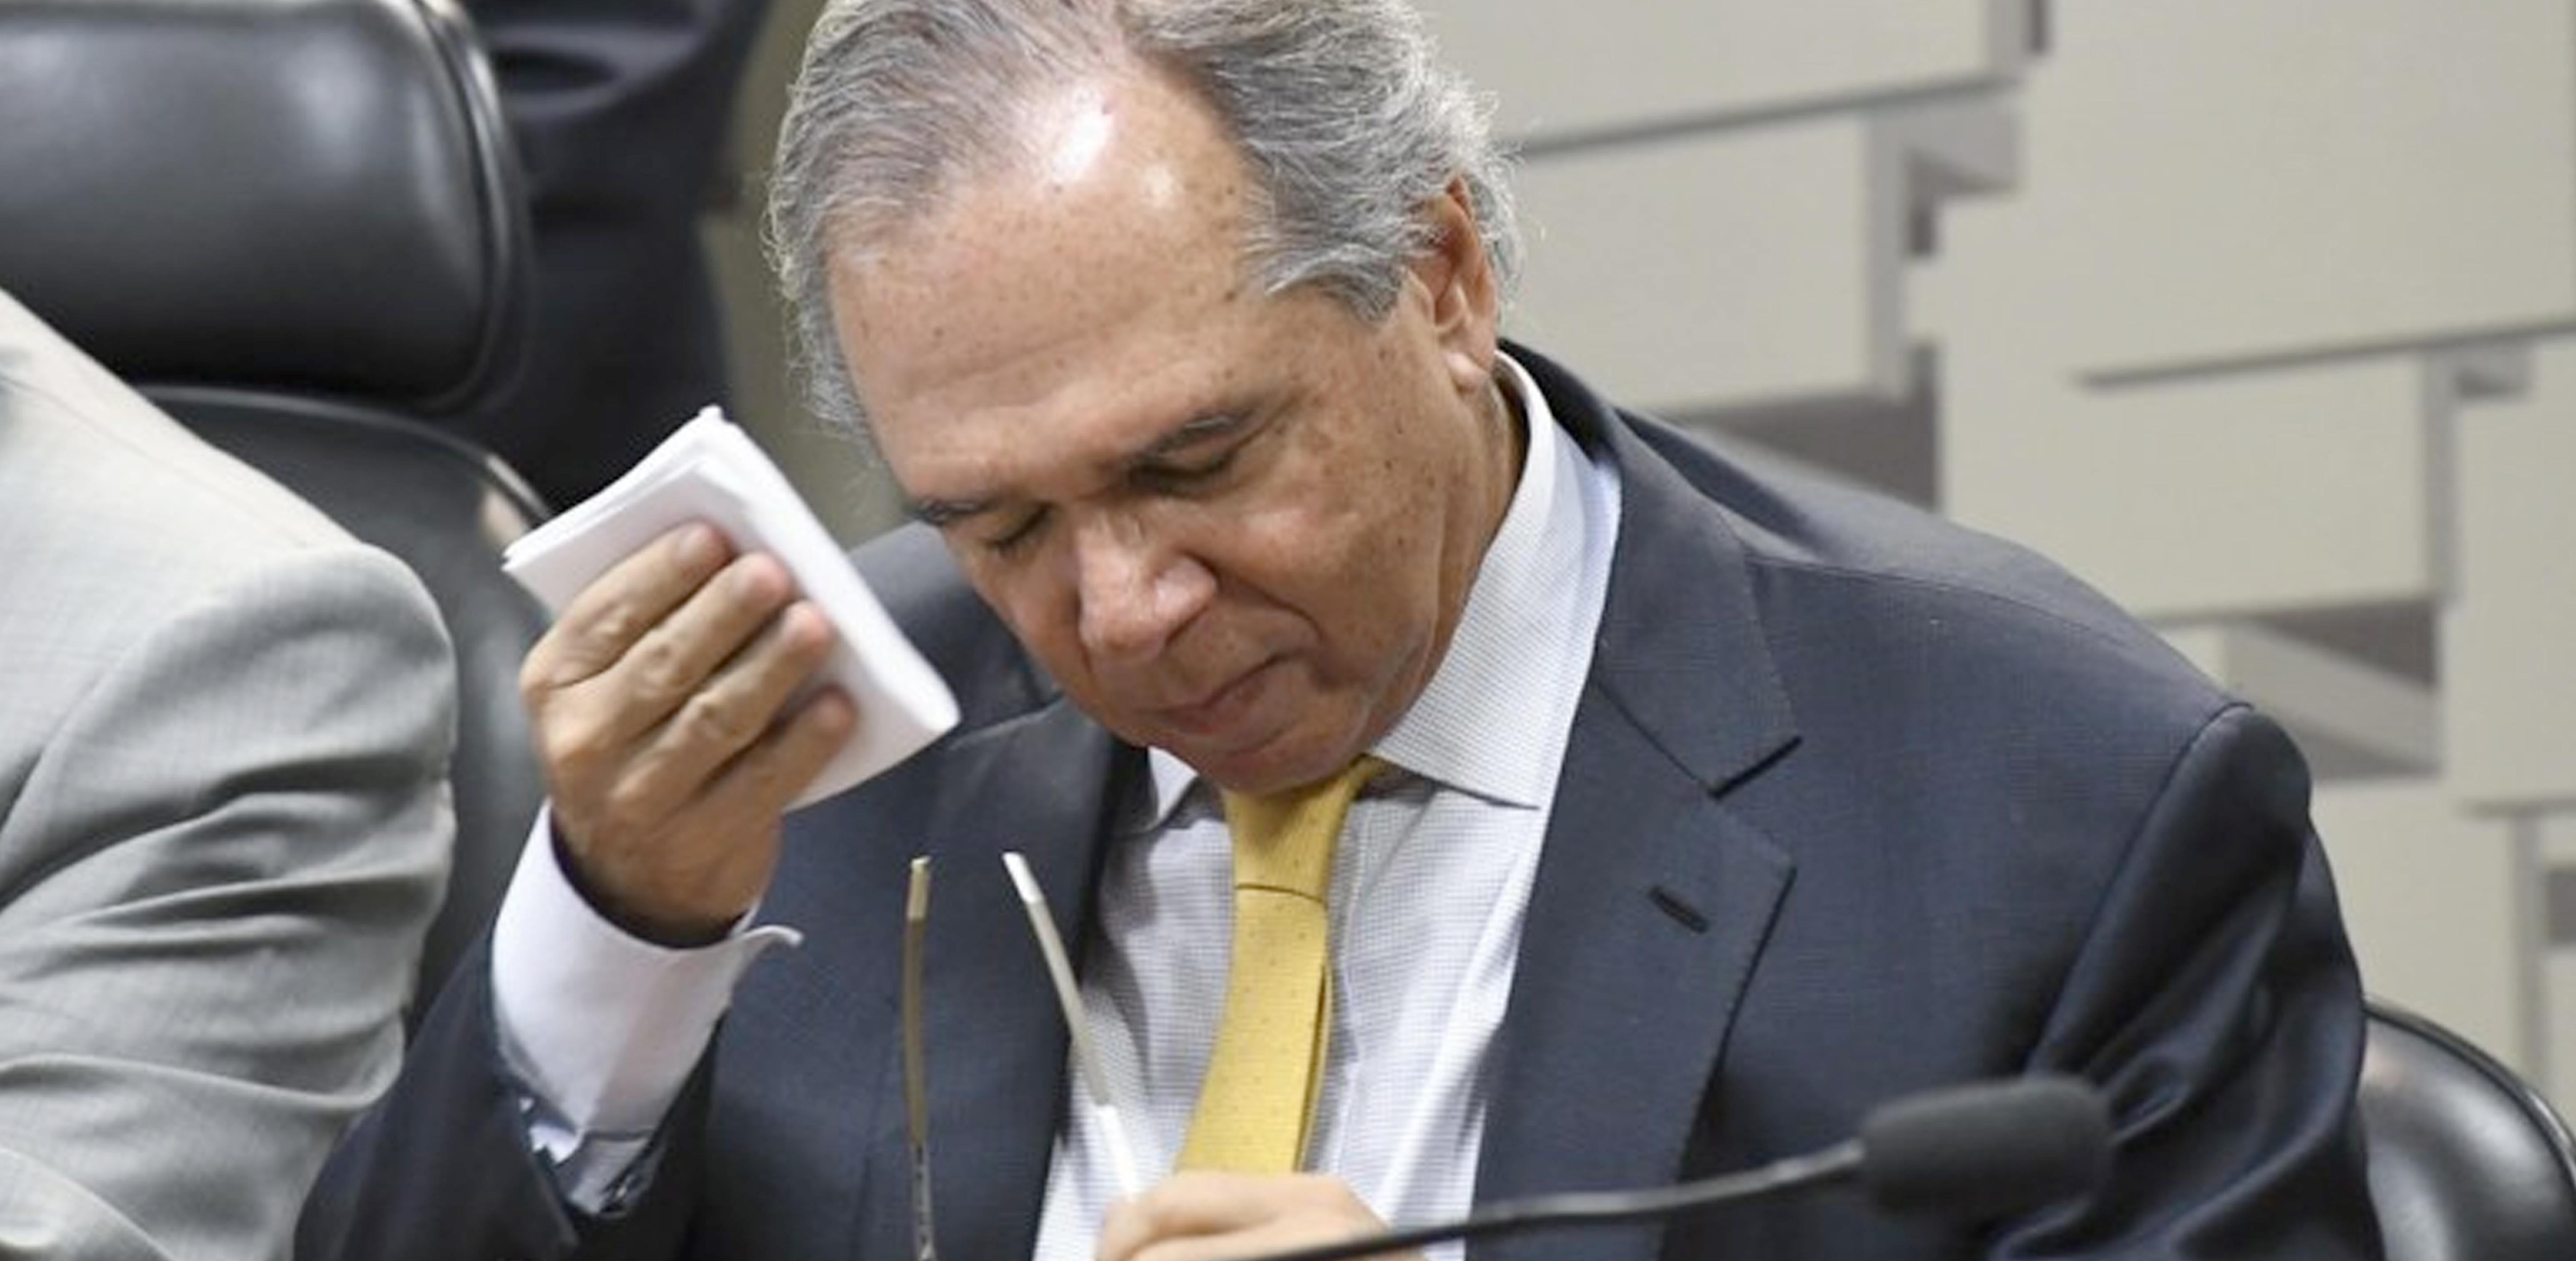 400 dias de governo, e como está o Paulo Guedes?